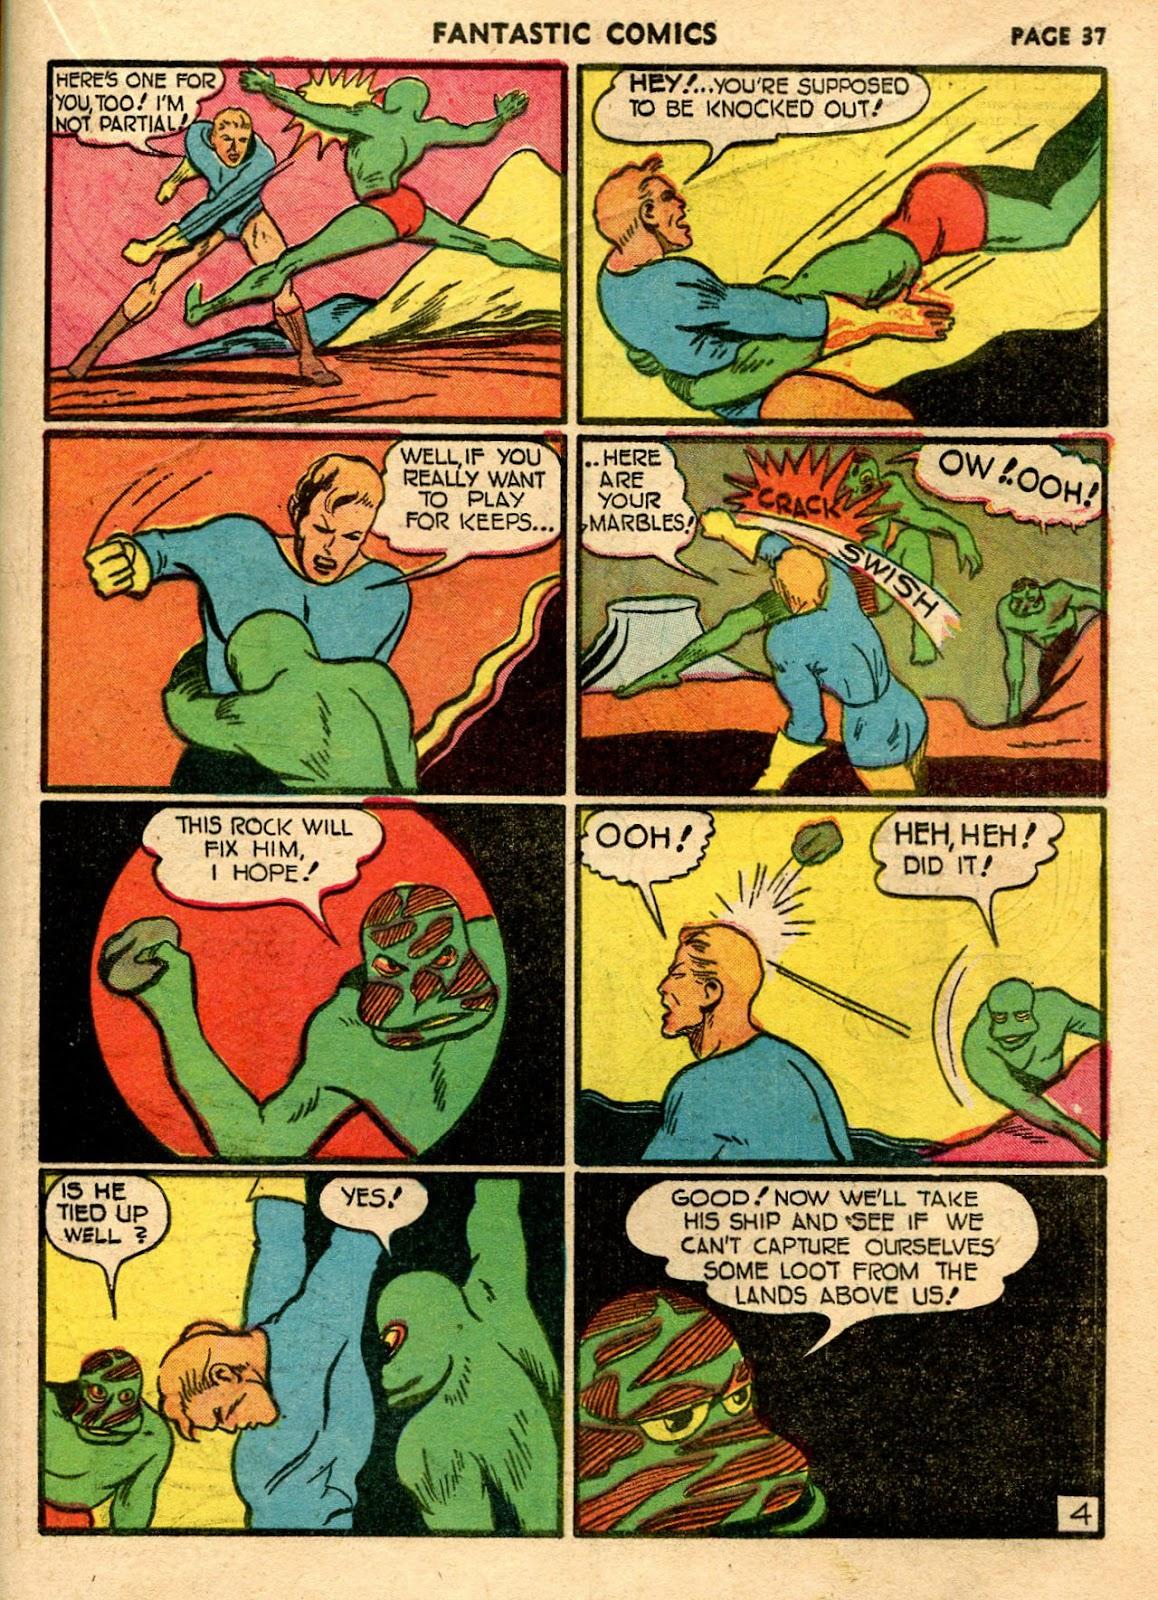 Read online Fantastic Comics comic -  Issue #21 - 35